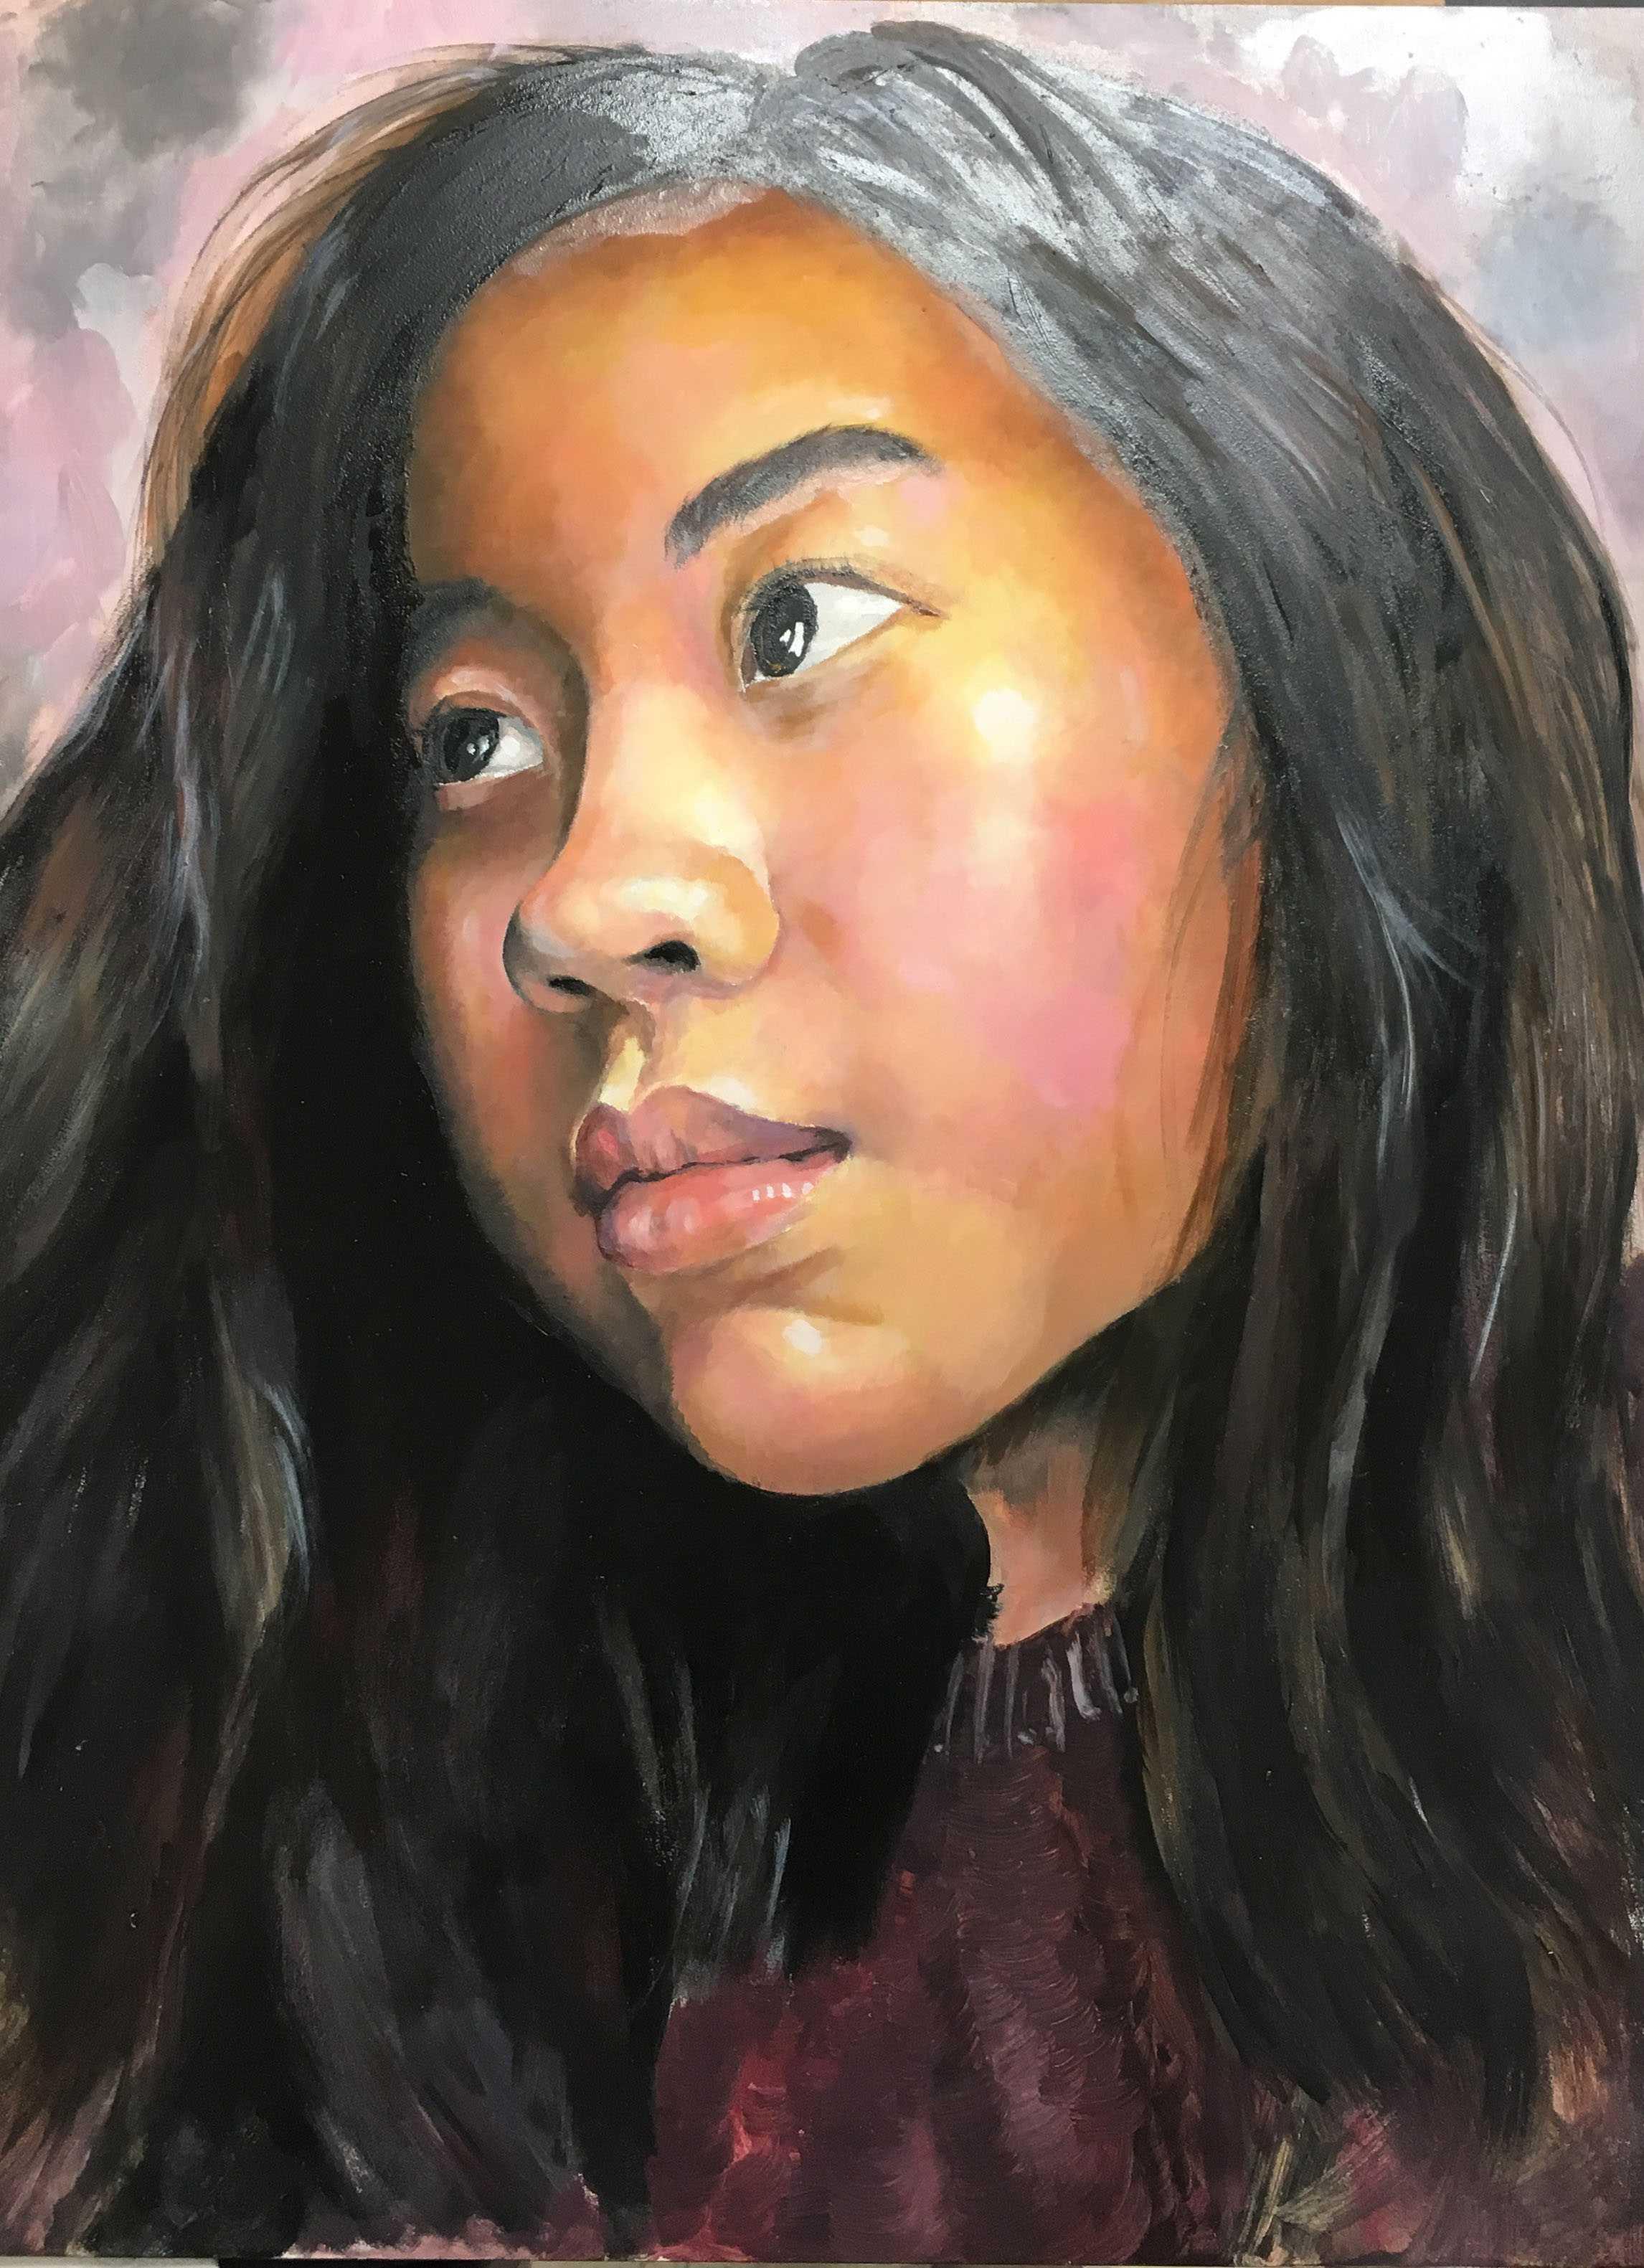 Jessica Nguyen's portrait,